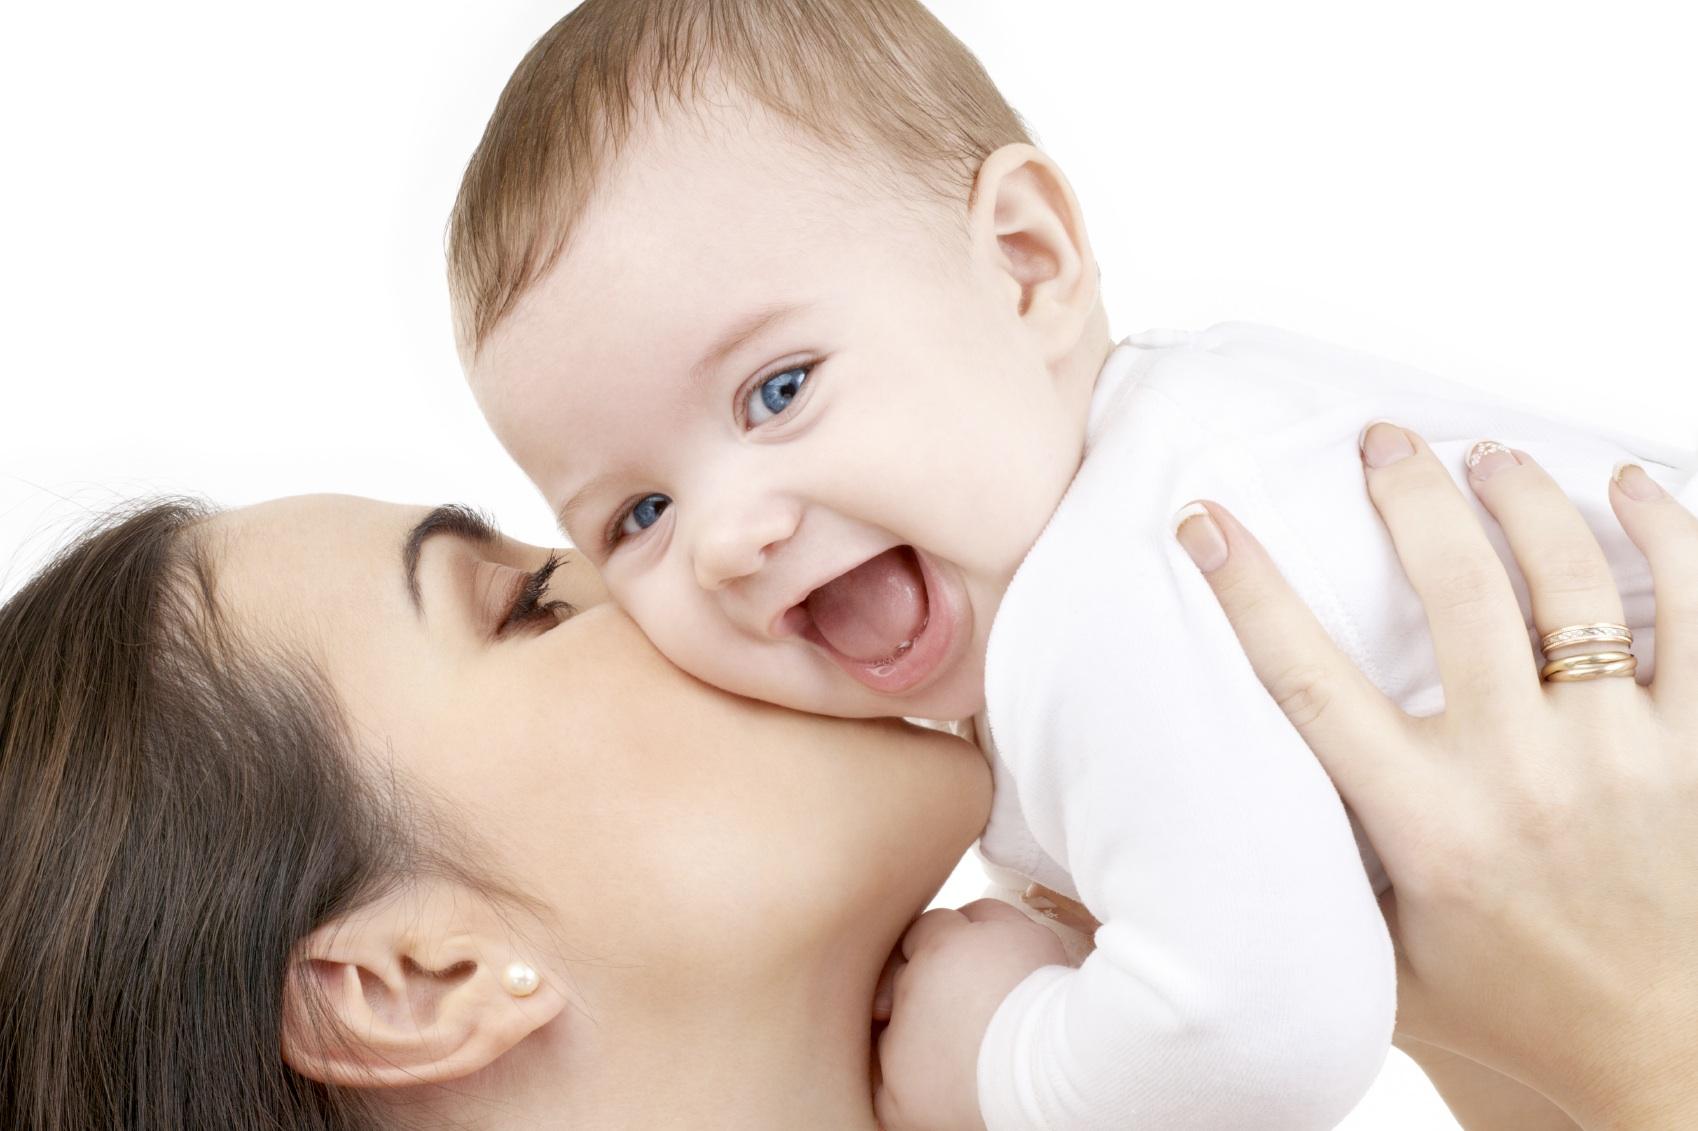 Refluxo Gastroesofágico em bebê: como evitar e cuidados - Pediatra Curitiba - Clínica CMP